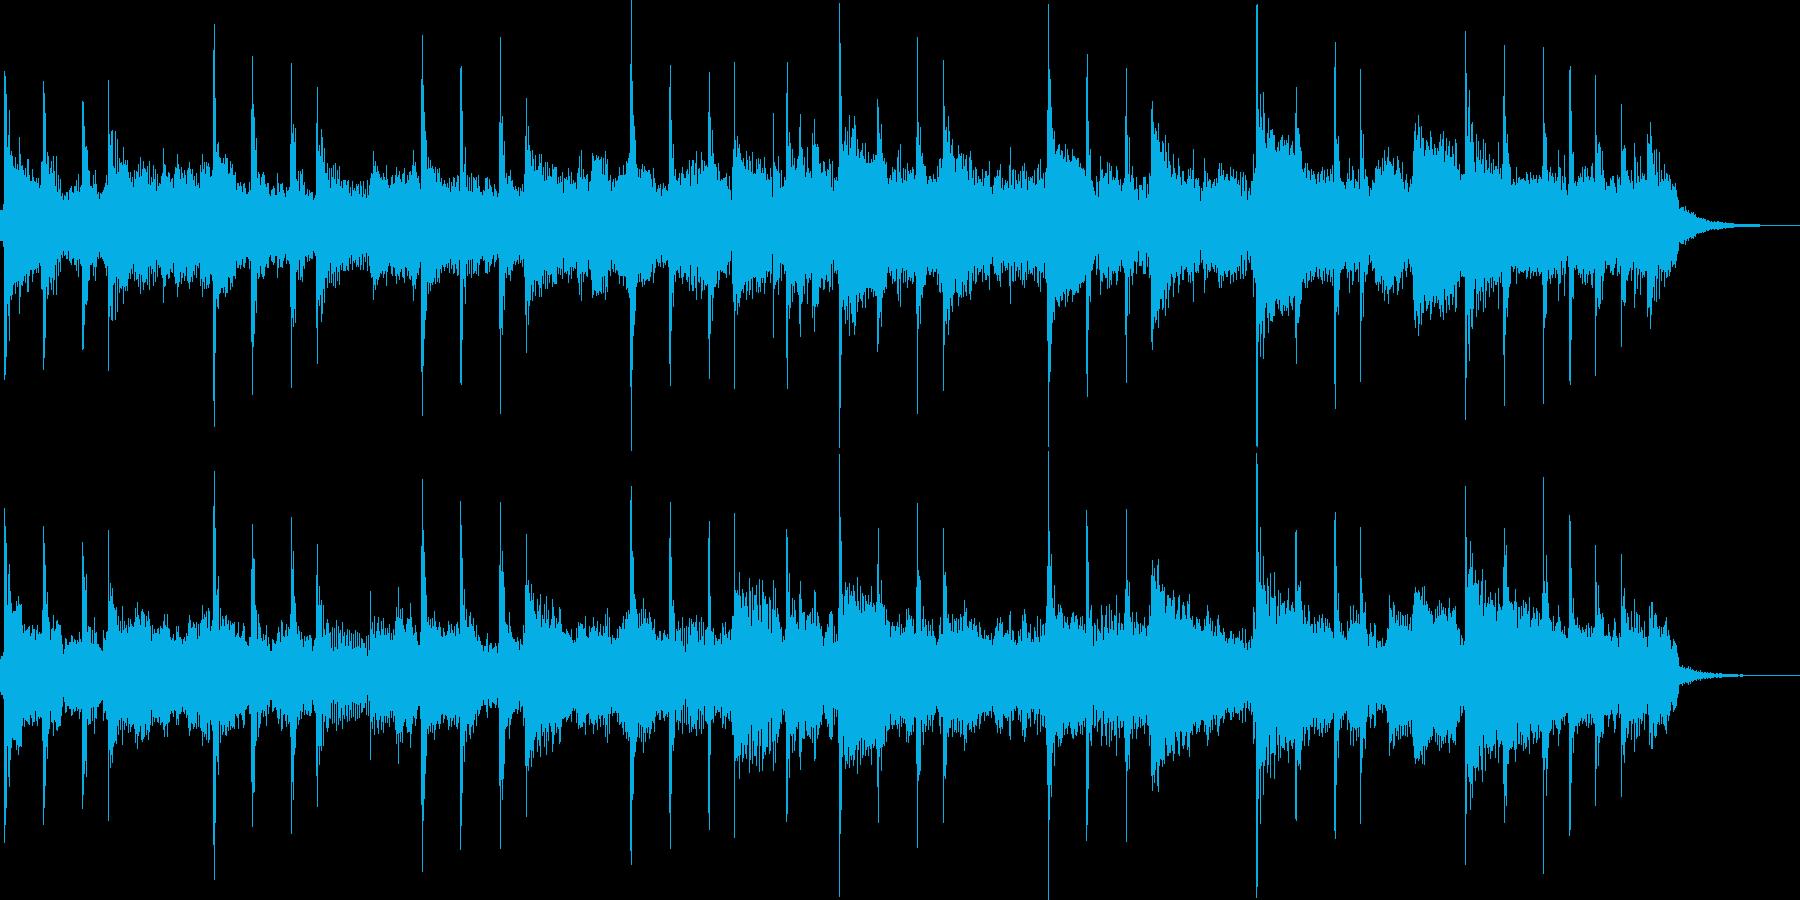 フレッシュな印象のジングルの再生済みの波形